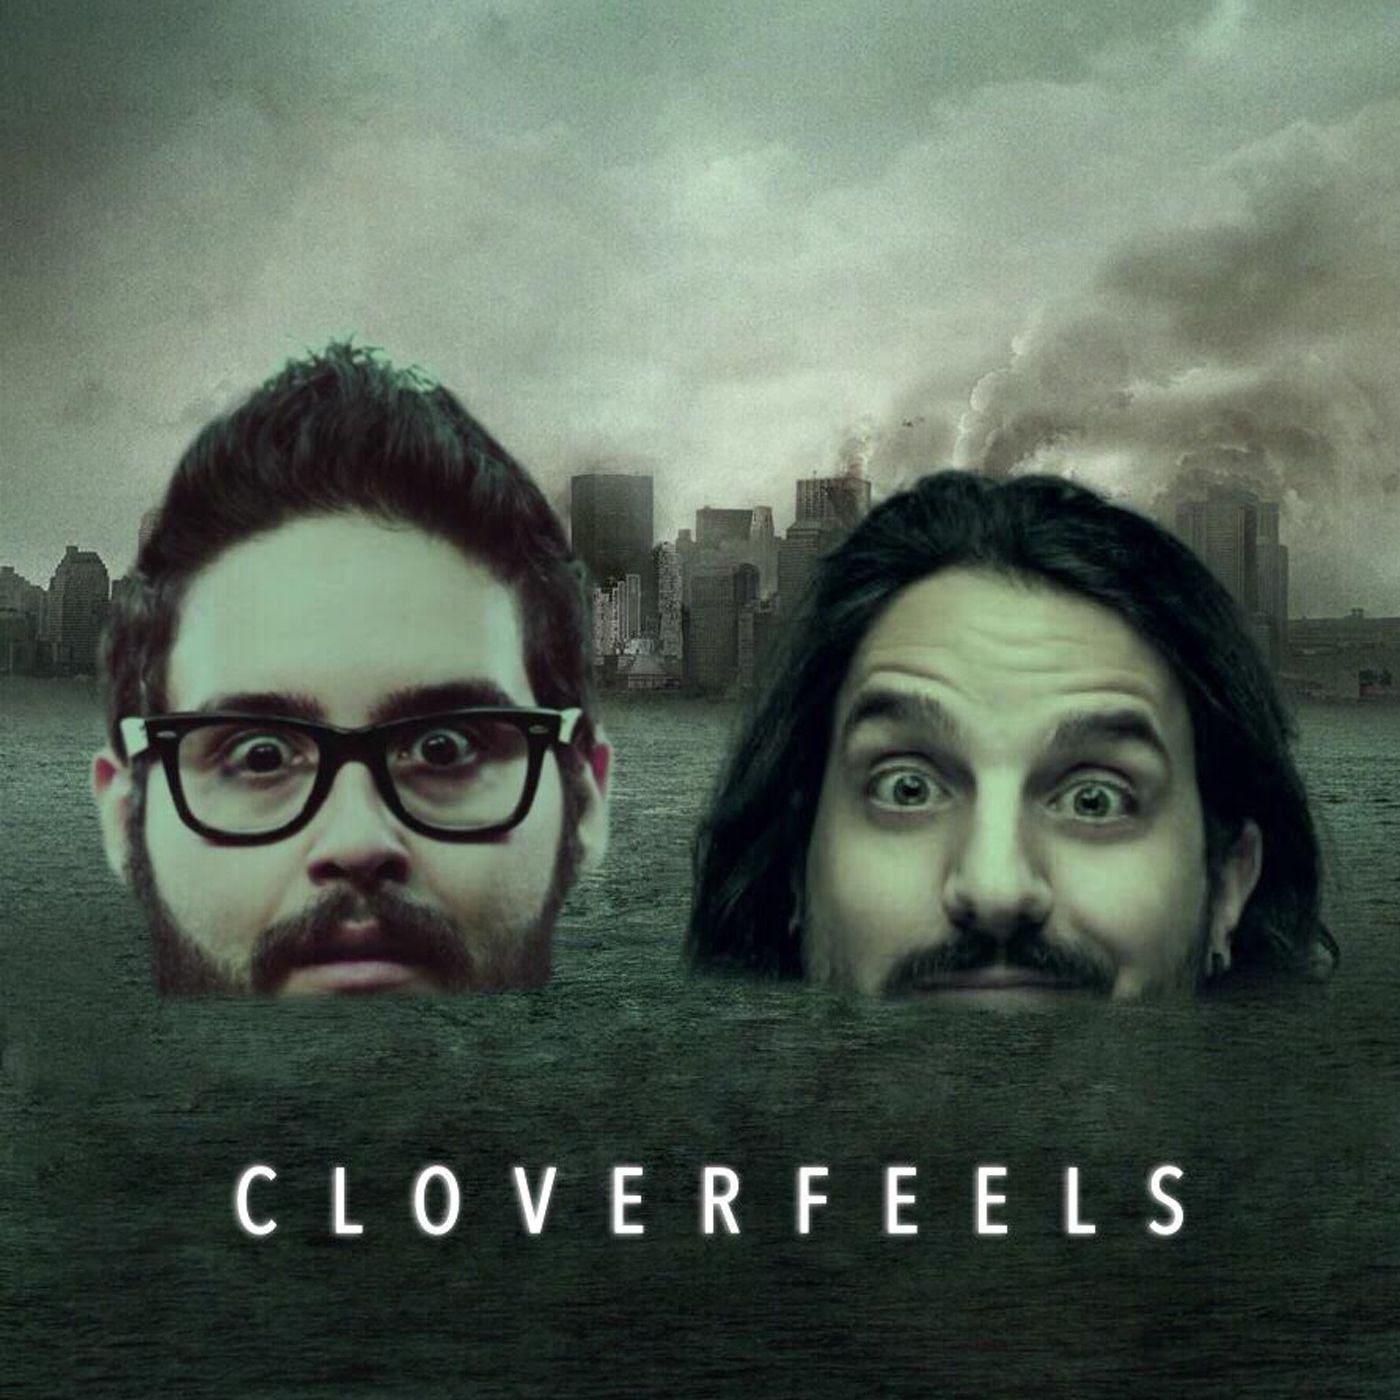 Cloverfeels